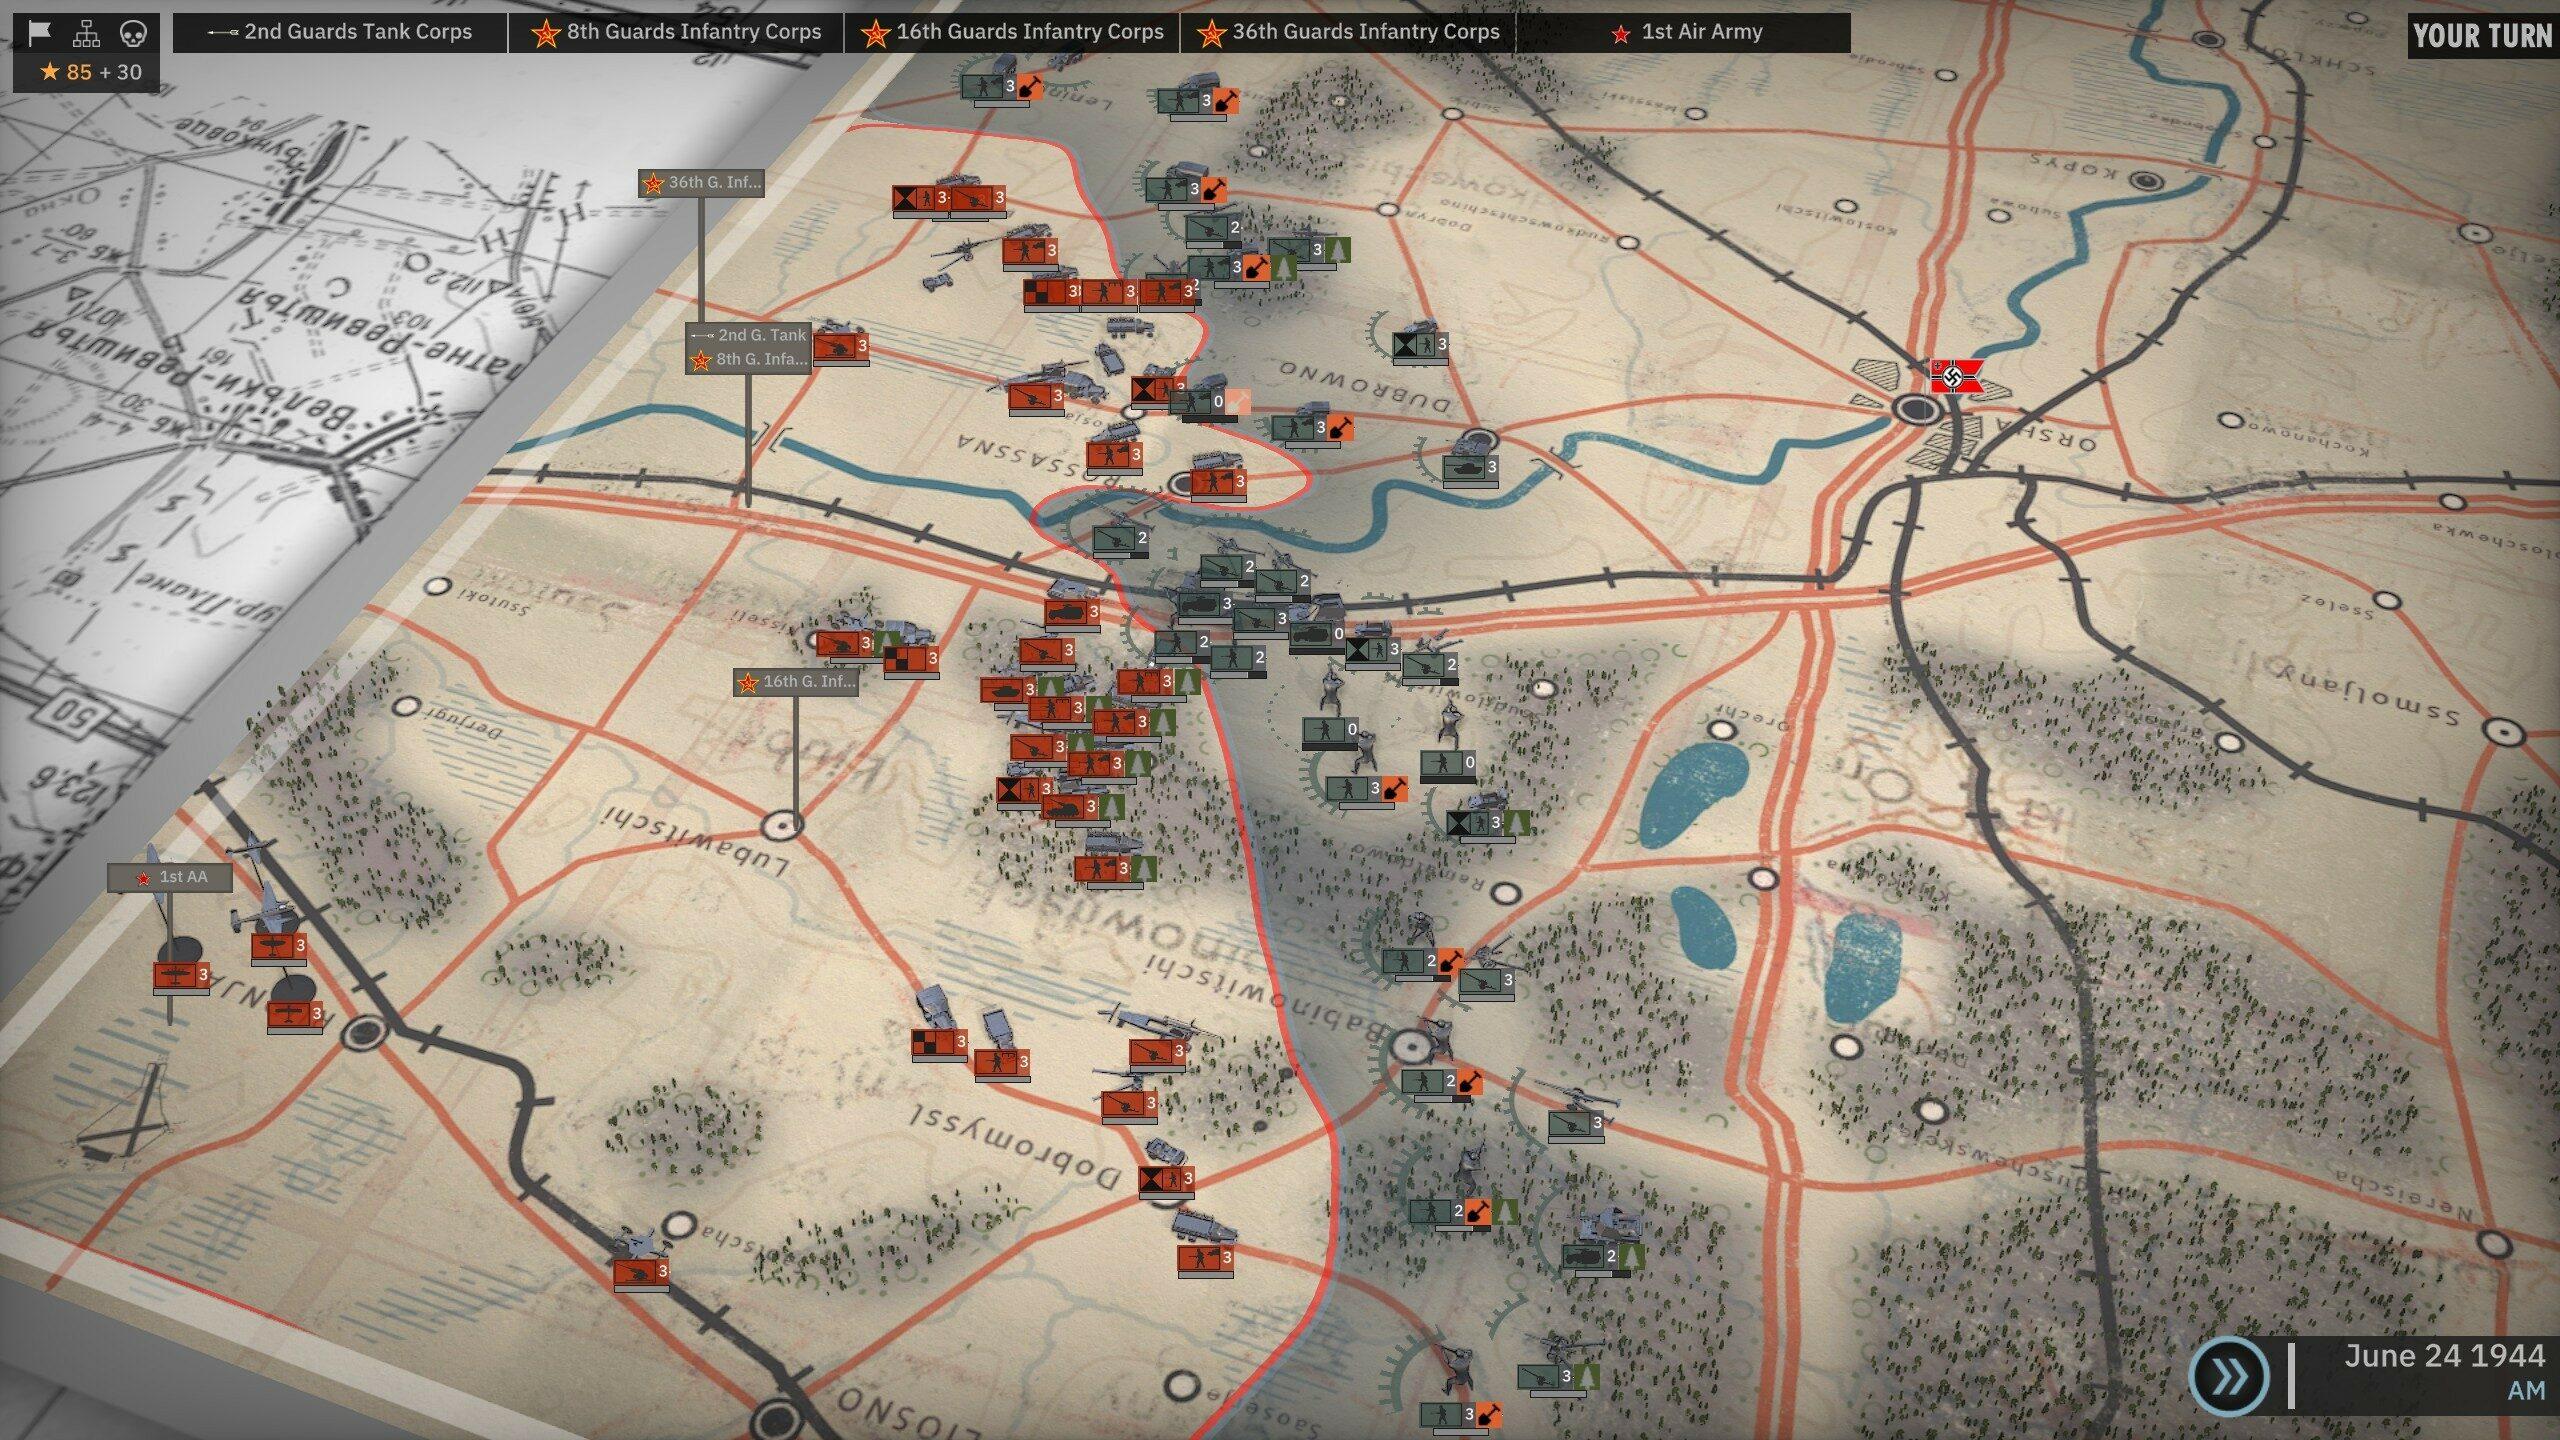 Situation de départ sur un des scénarios les plus complexes du mode Army General. Oui, il faut être motivé pour se lancer là-dedans.